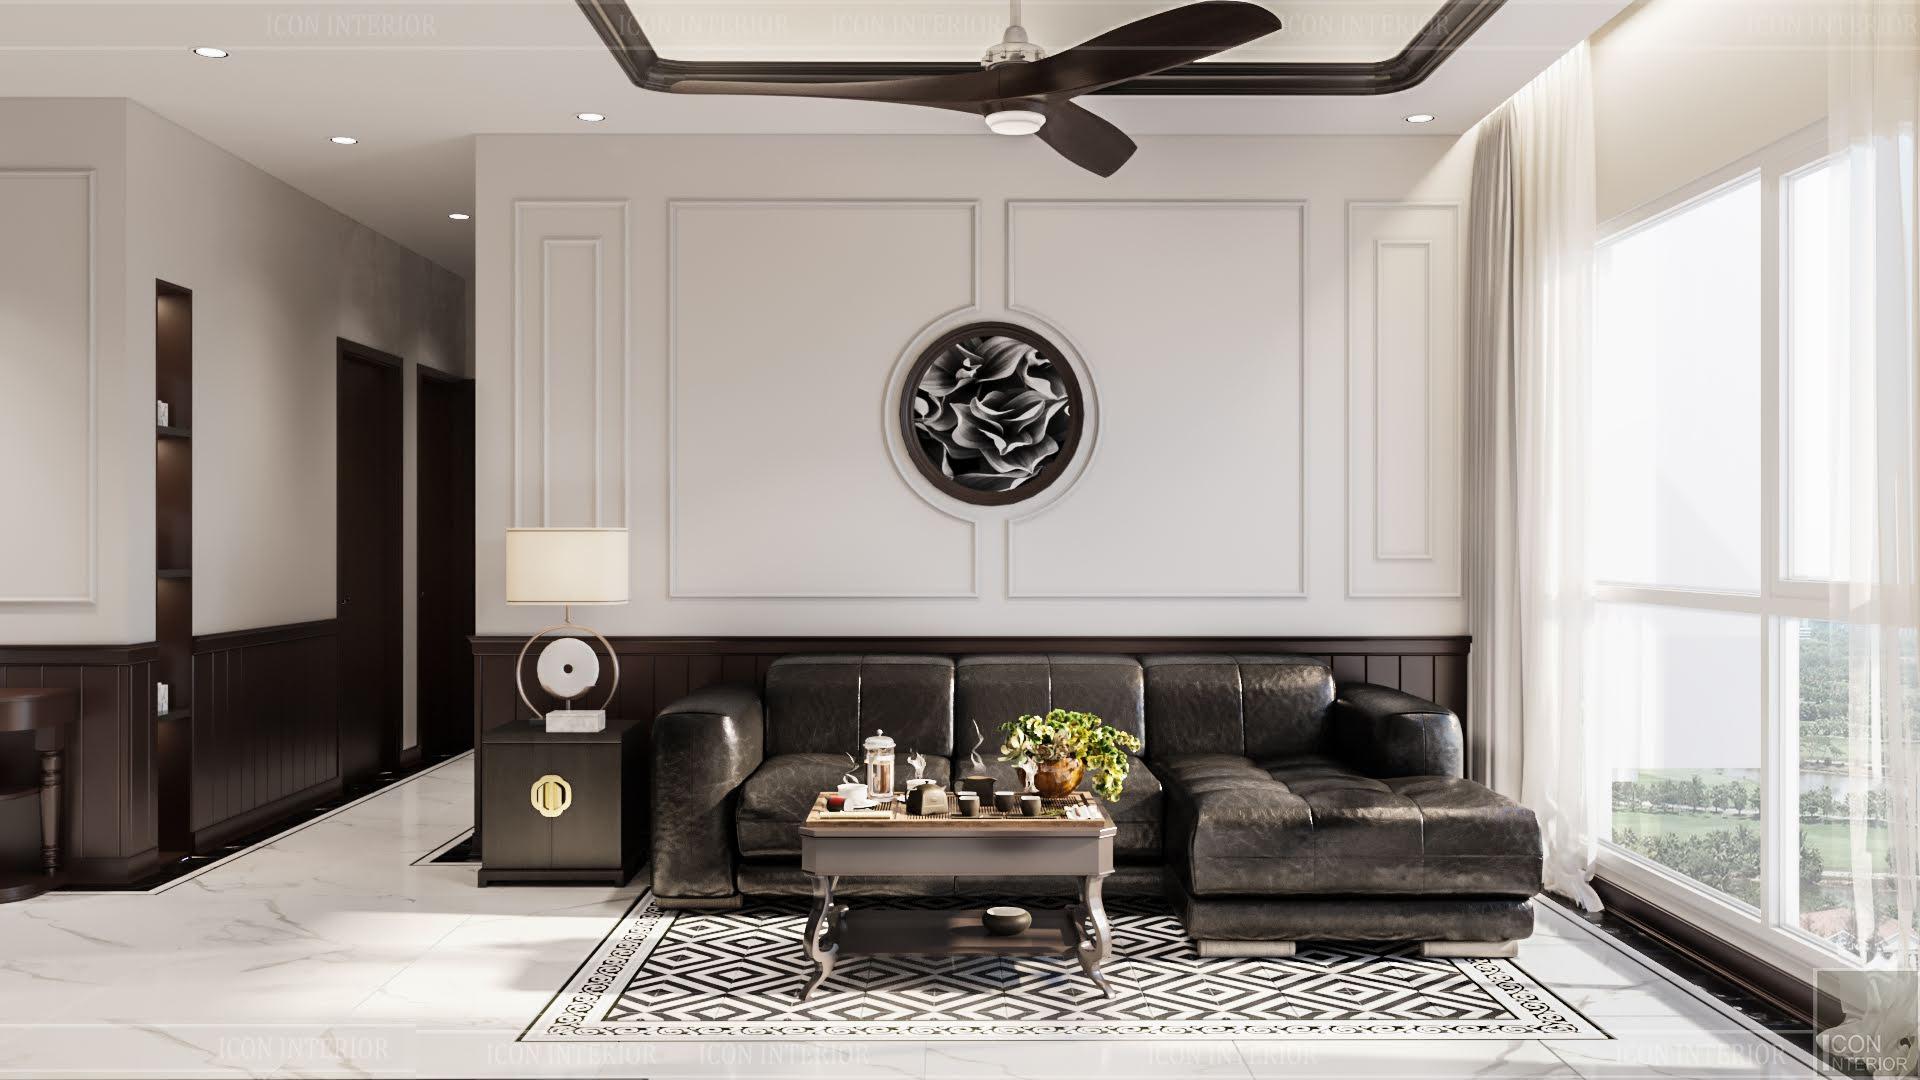 thiết kế căn hộ đập thông - phòng khách